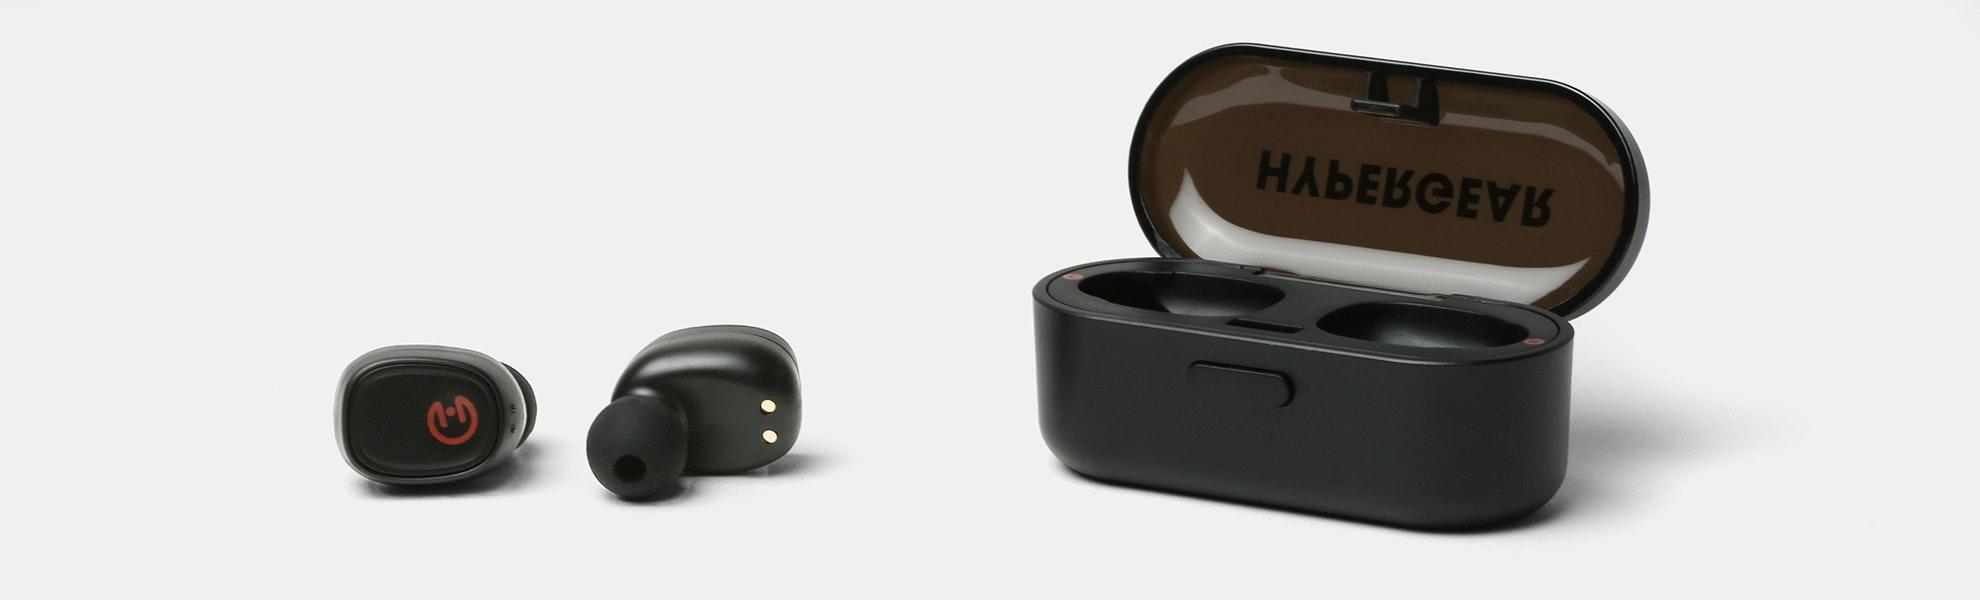 Hypergear Sport True Wireless Earphones